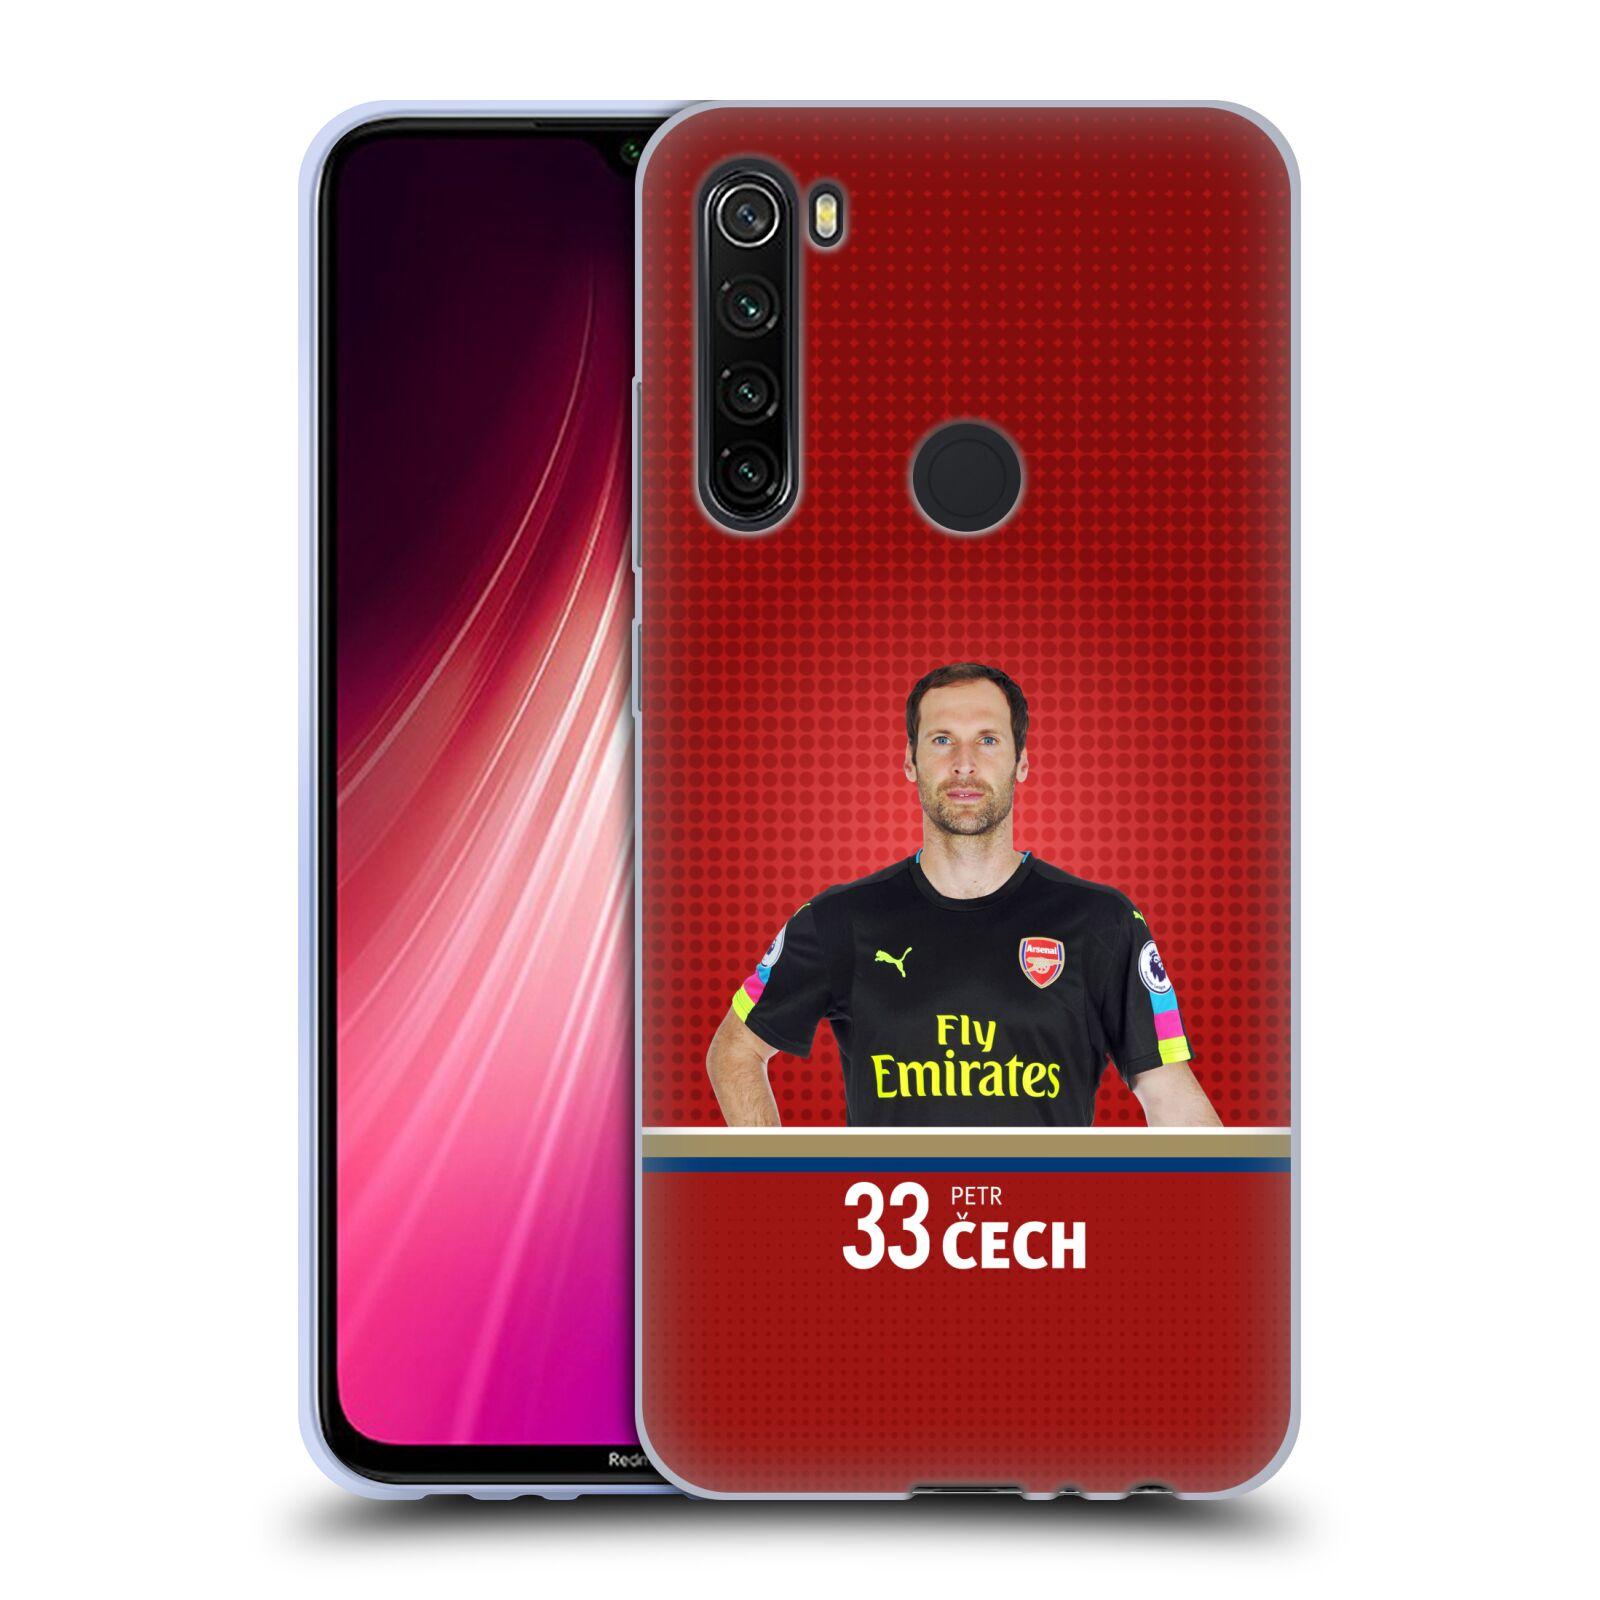 Silikonové pouzdro na mobil Xiaomi Redmi Note 8T - Head Case - Arsenal FC - Petr Čech